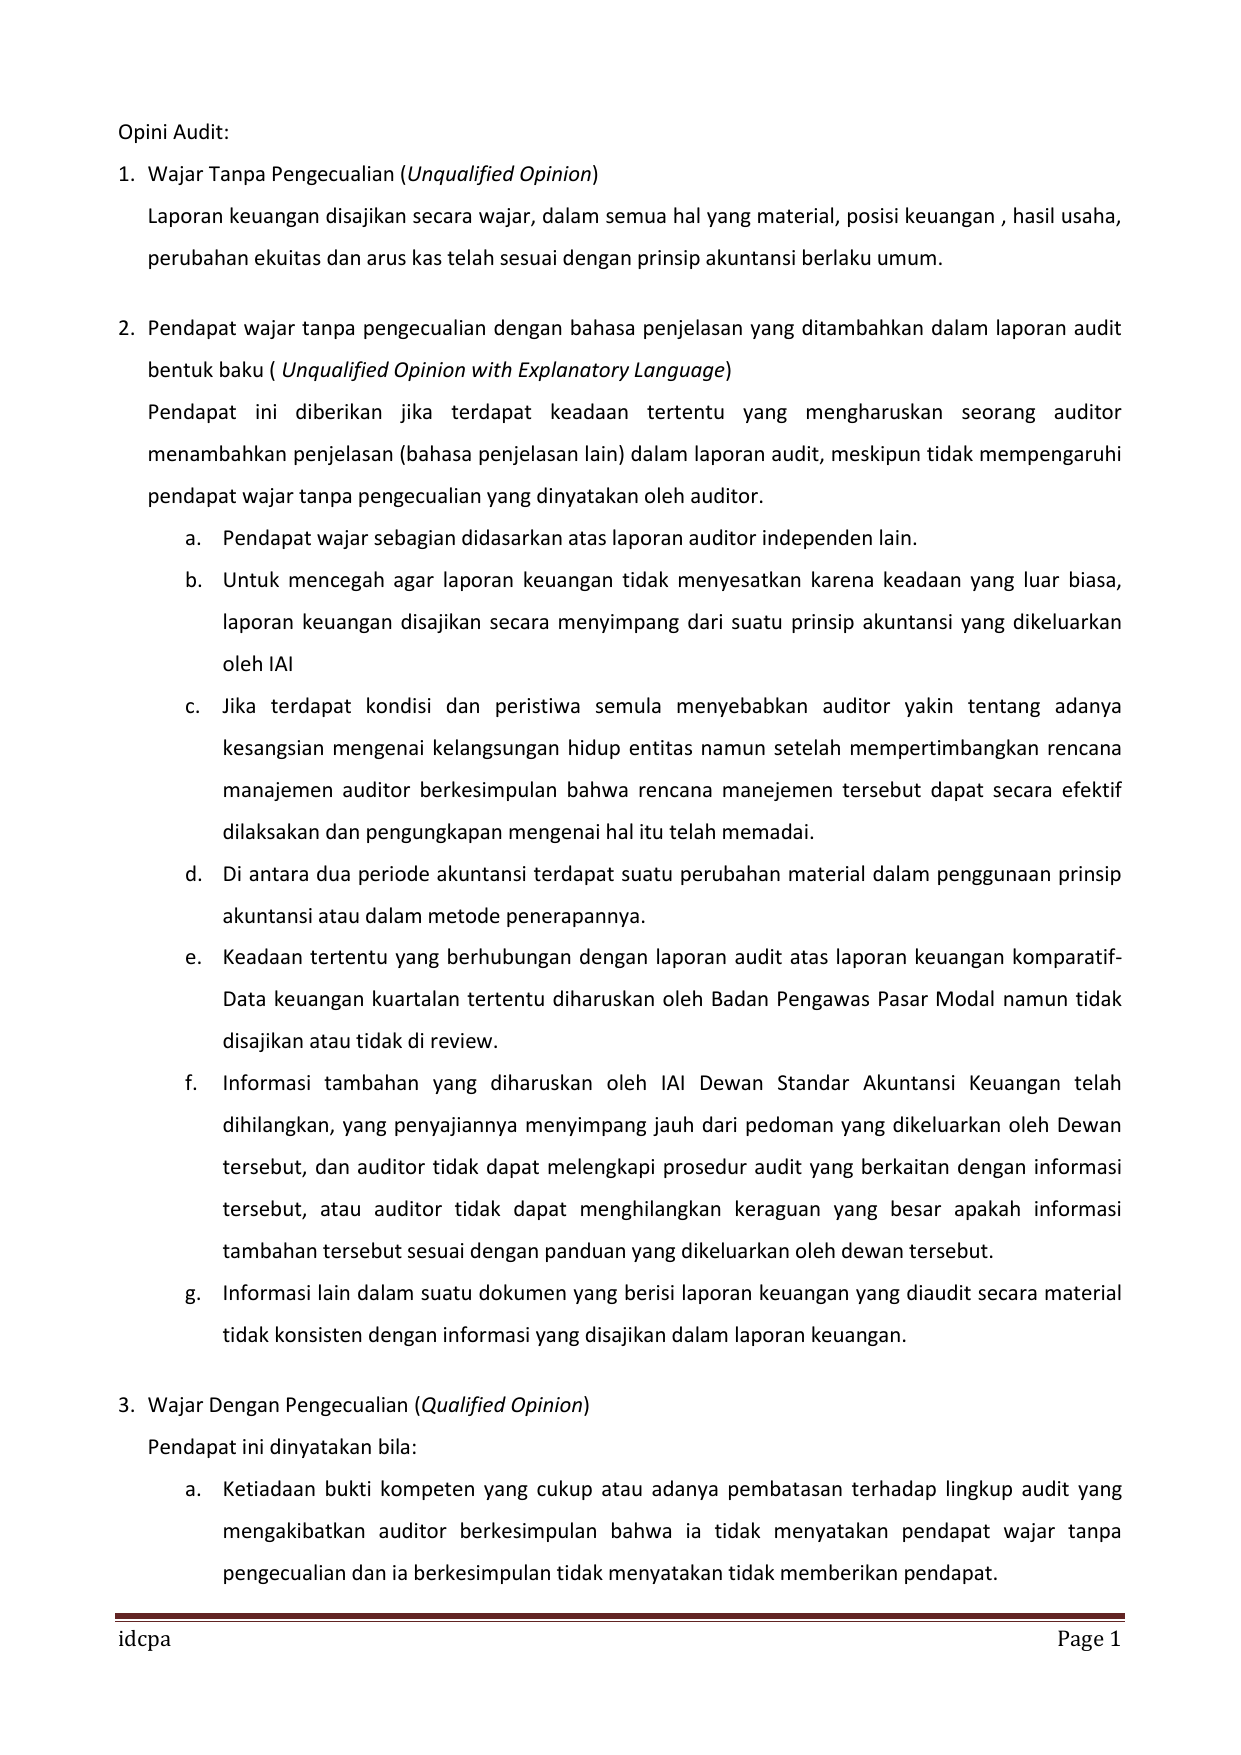 Laporan Auditor Independen Wajar Tanpa Pengecualian Dengan Paragraf Penjelas Seputar Laporan